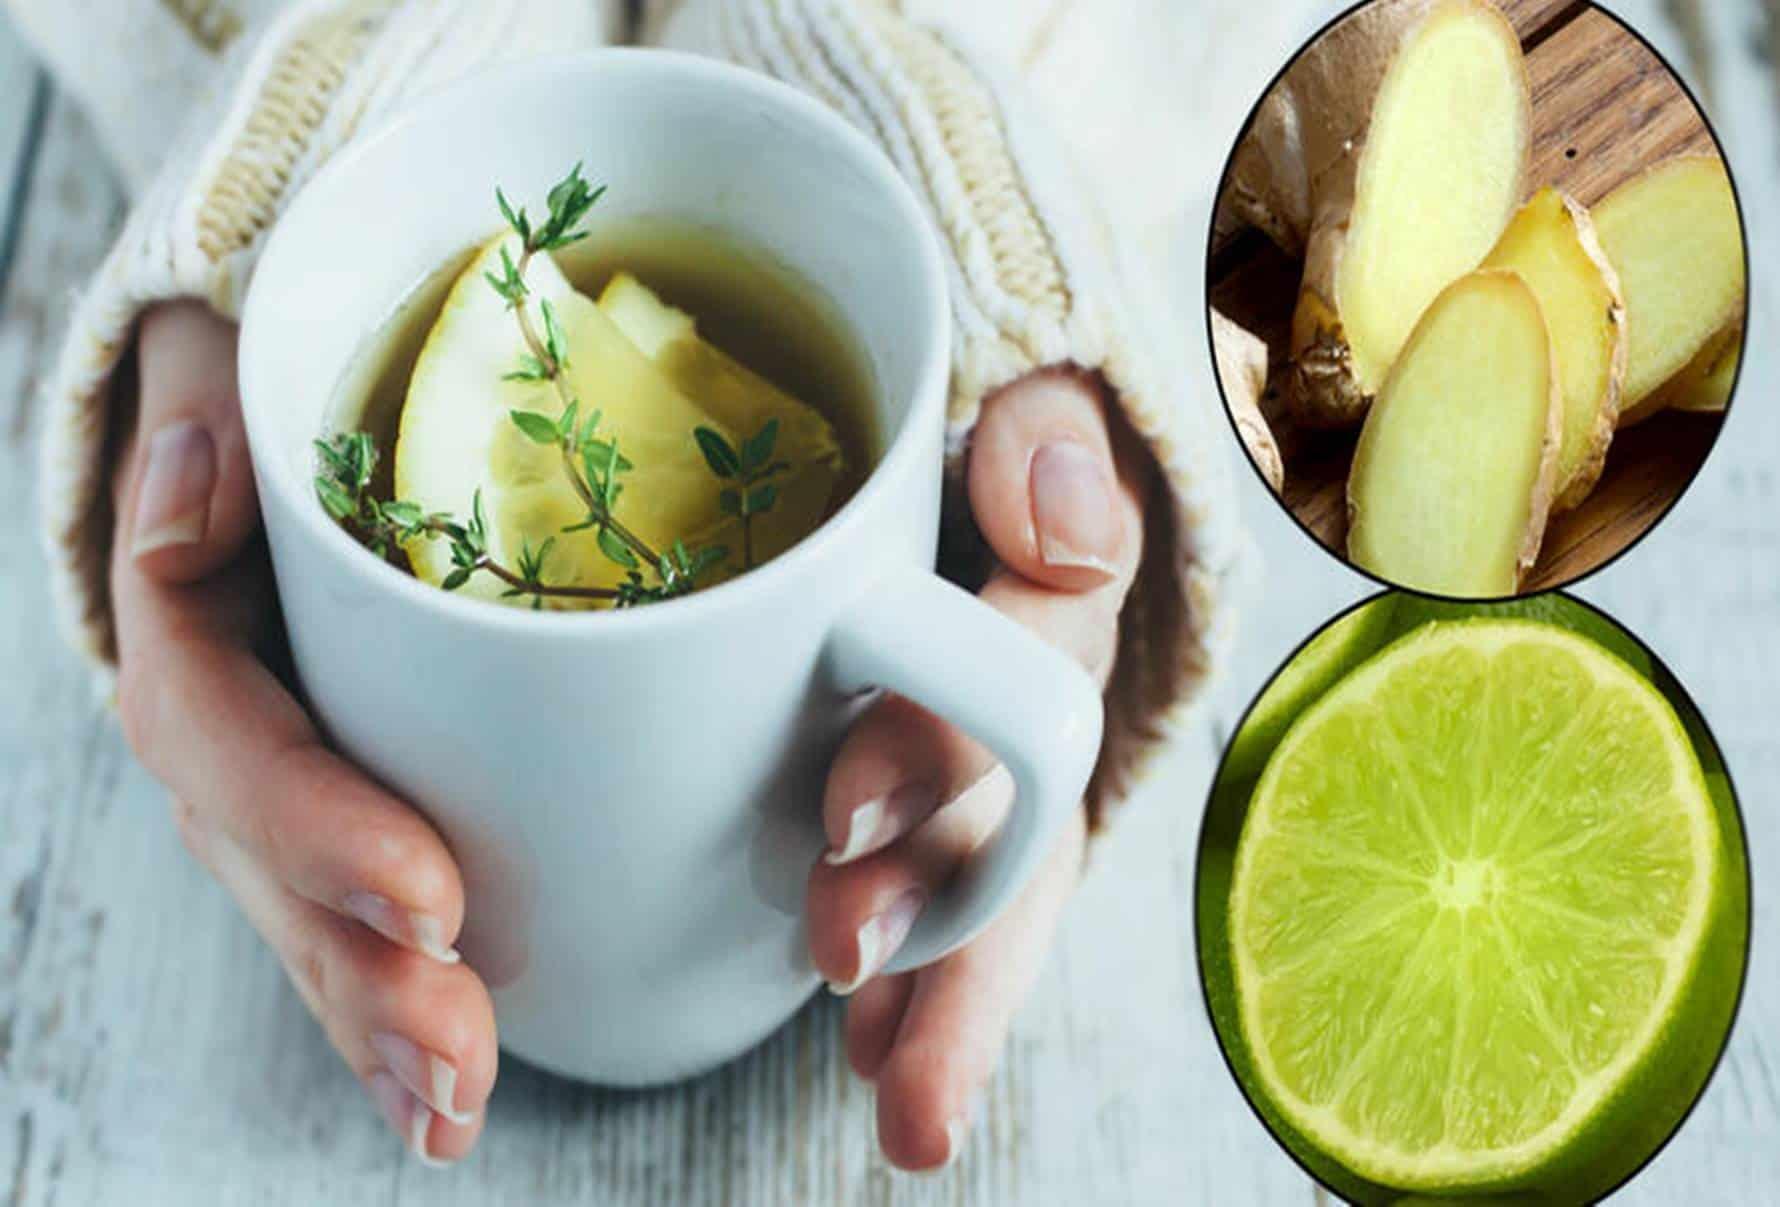 Agua Com Mel E Canela Beneficios gengibre e limão emagrece até 2 quilos por semana: saiba como